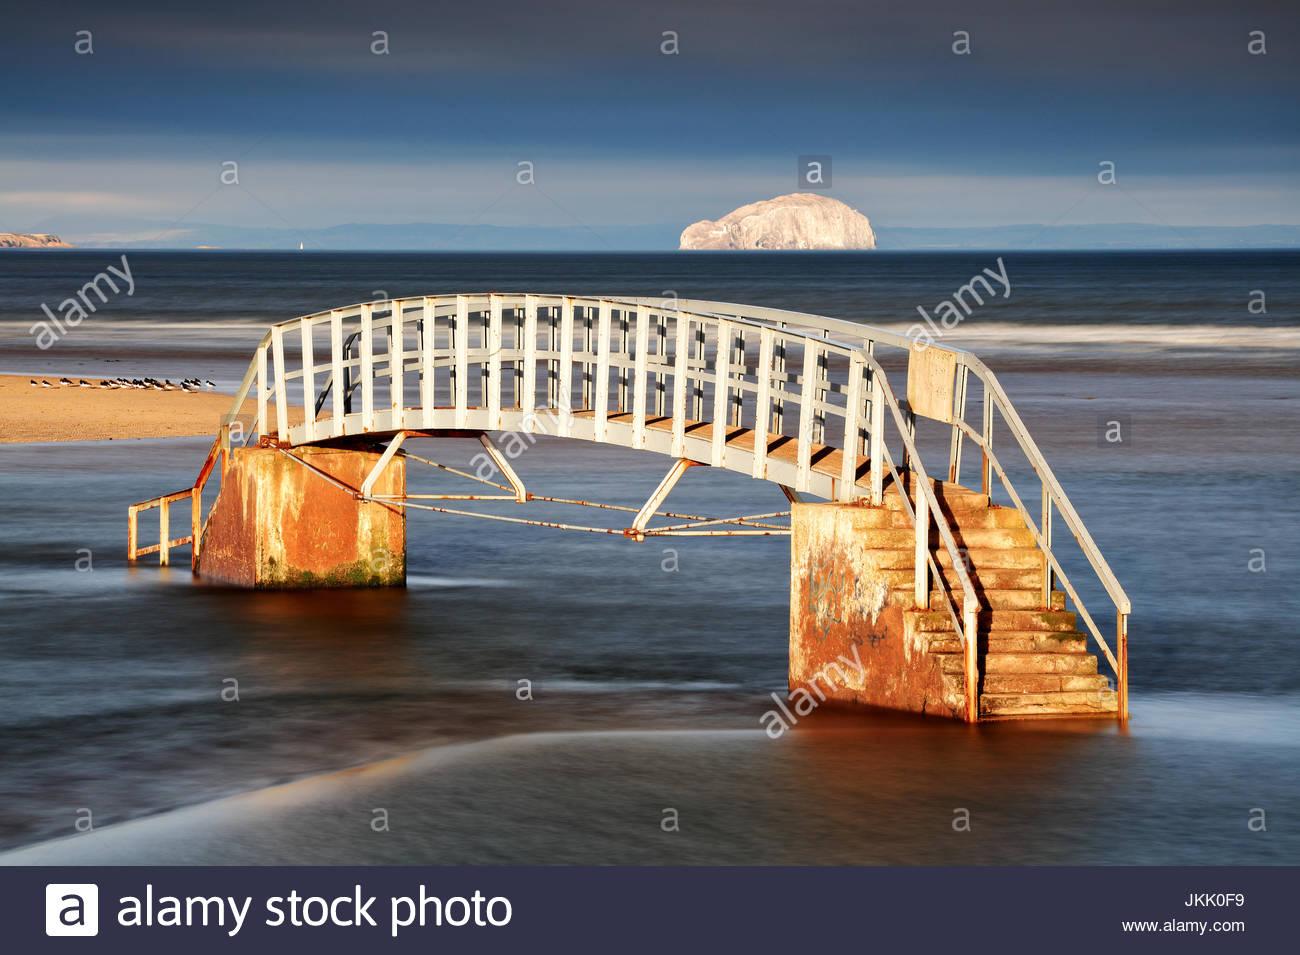 El puente a ninguna parte de la orilla de Belhaven bay con Bass rock en la distancia, Dunbar, North Berwick. Foto de stock